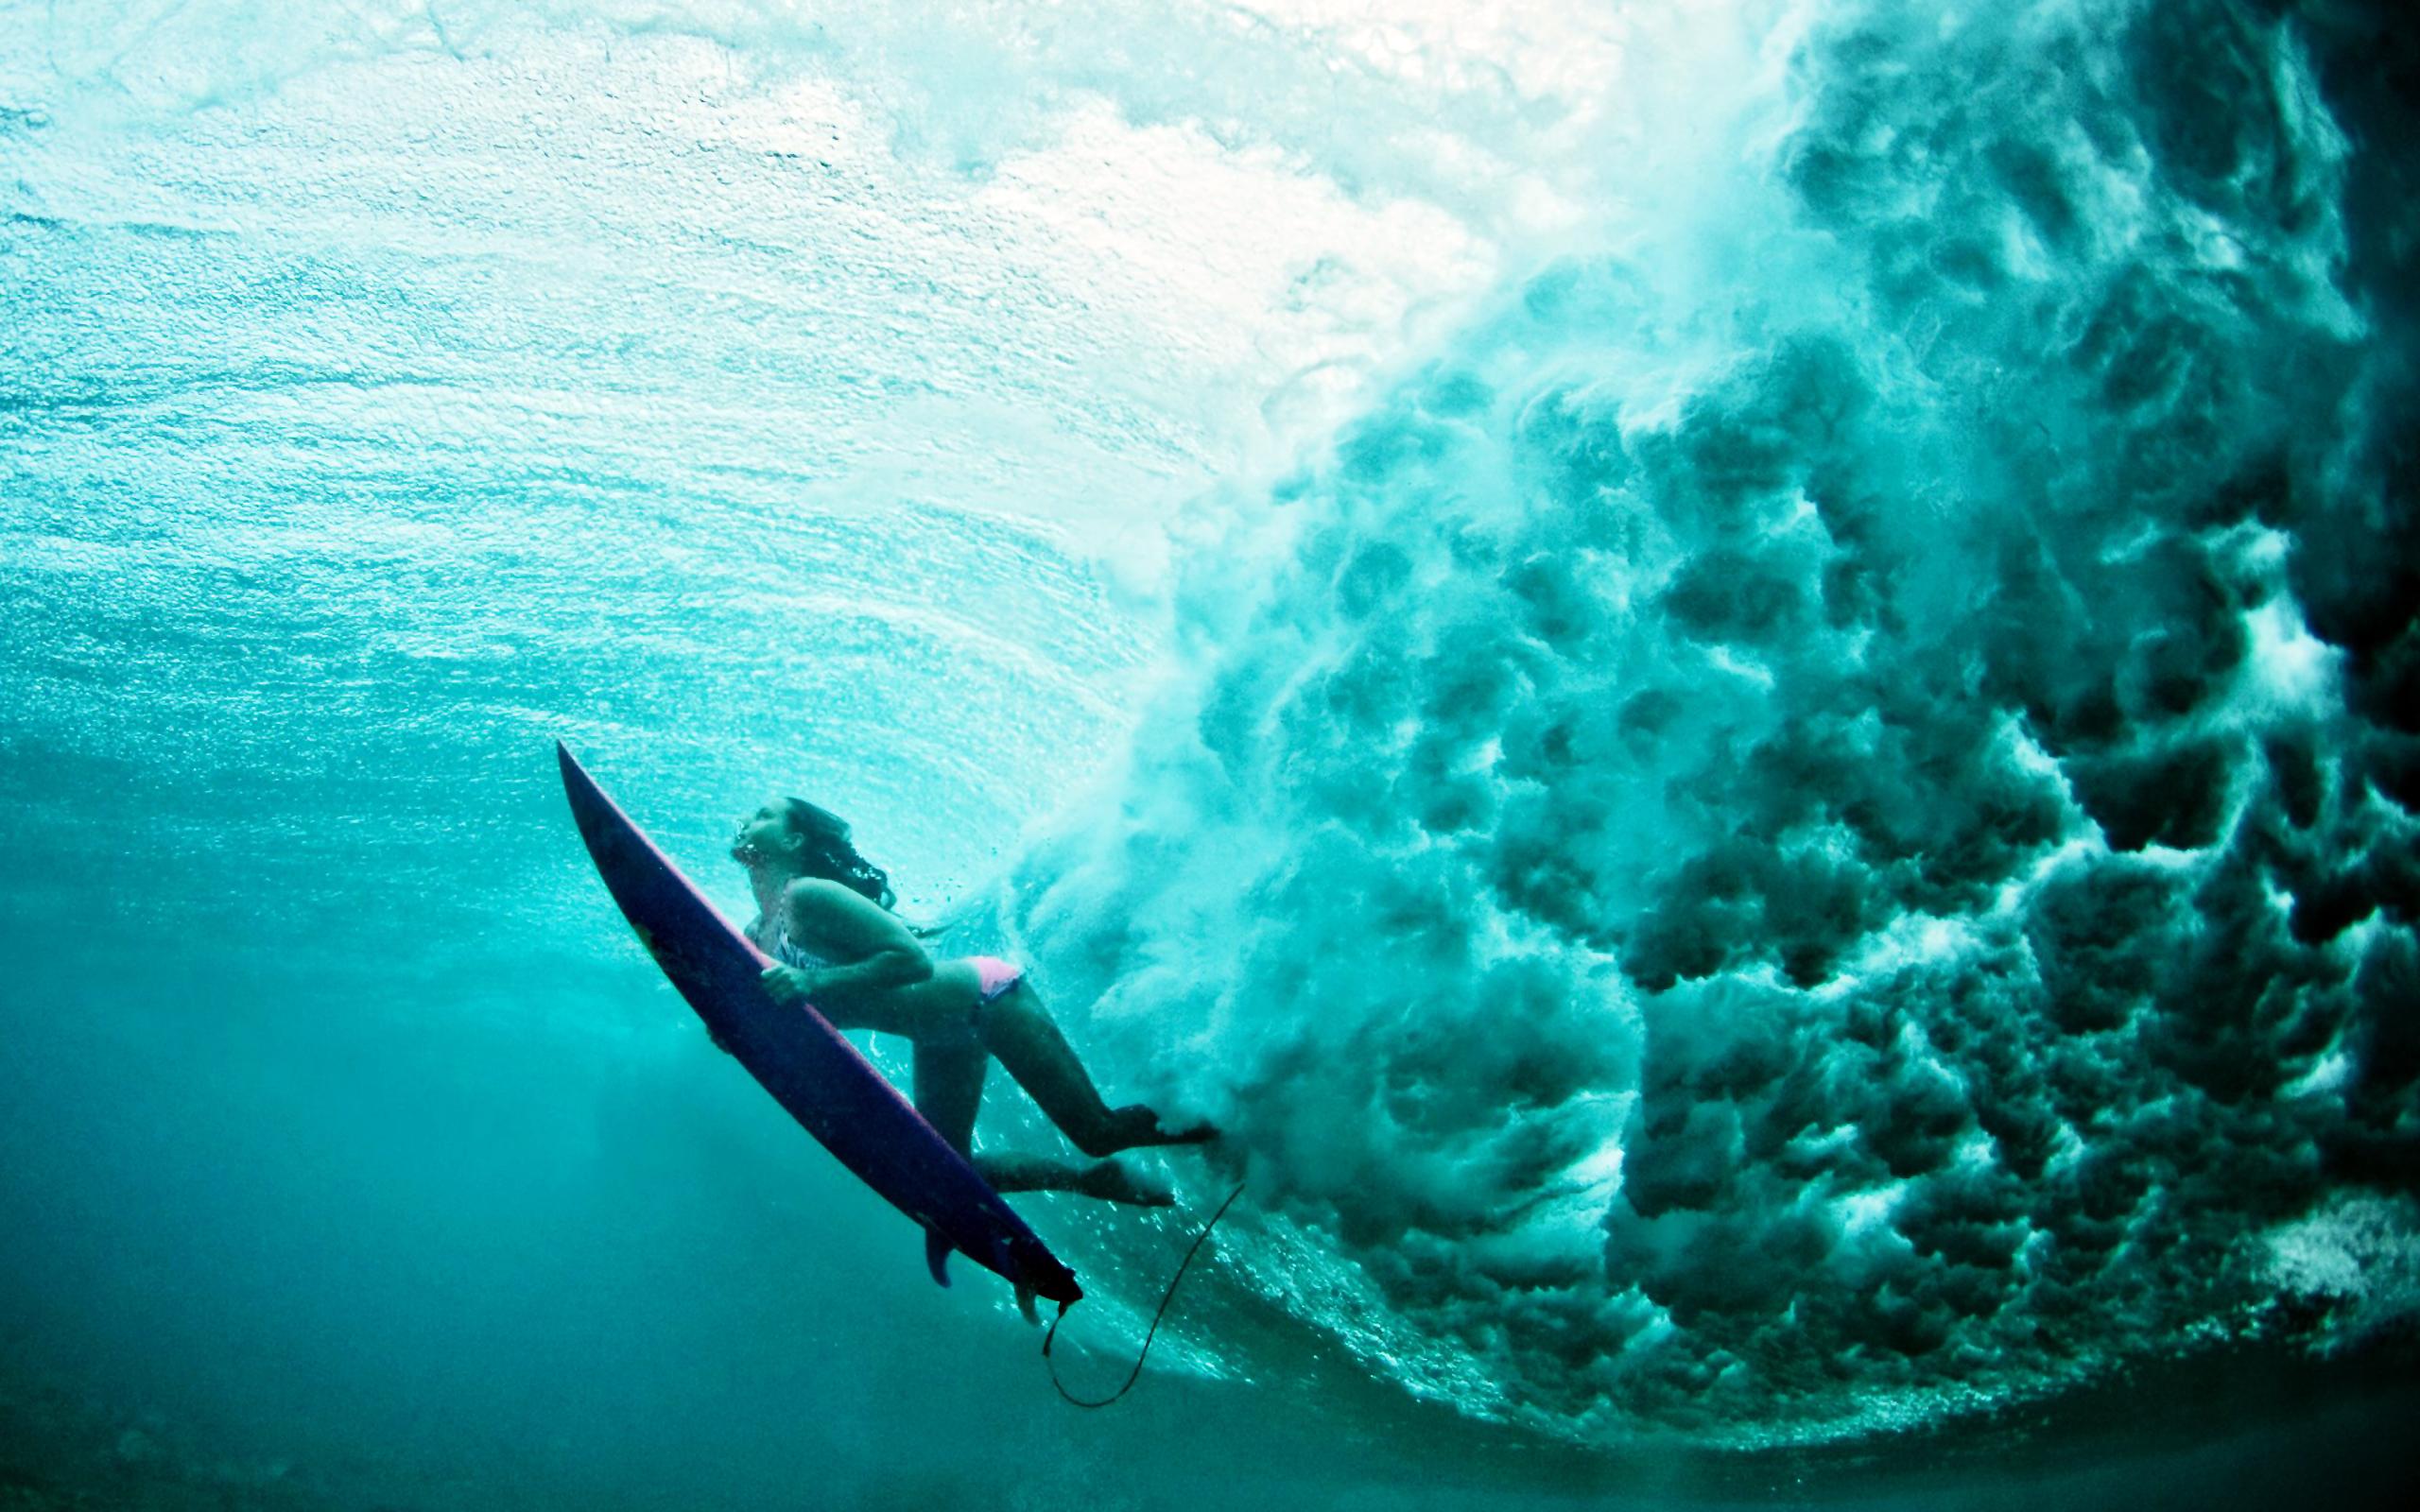 Girls Surfing Wallpaper - WallpaperSafari